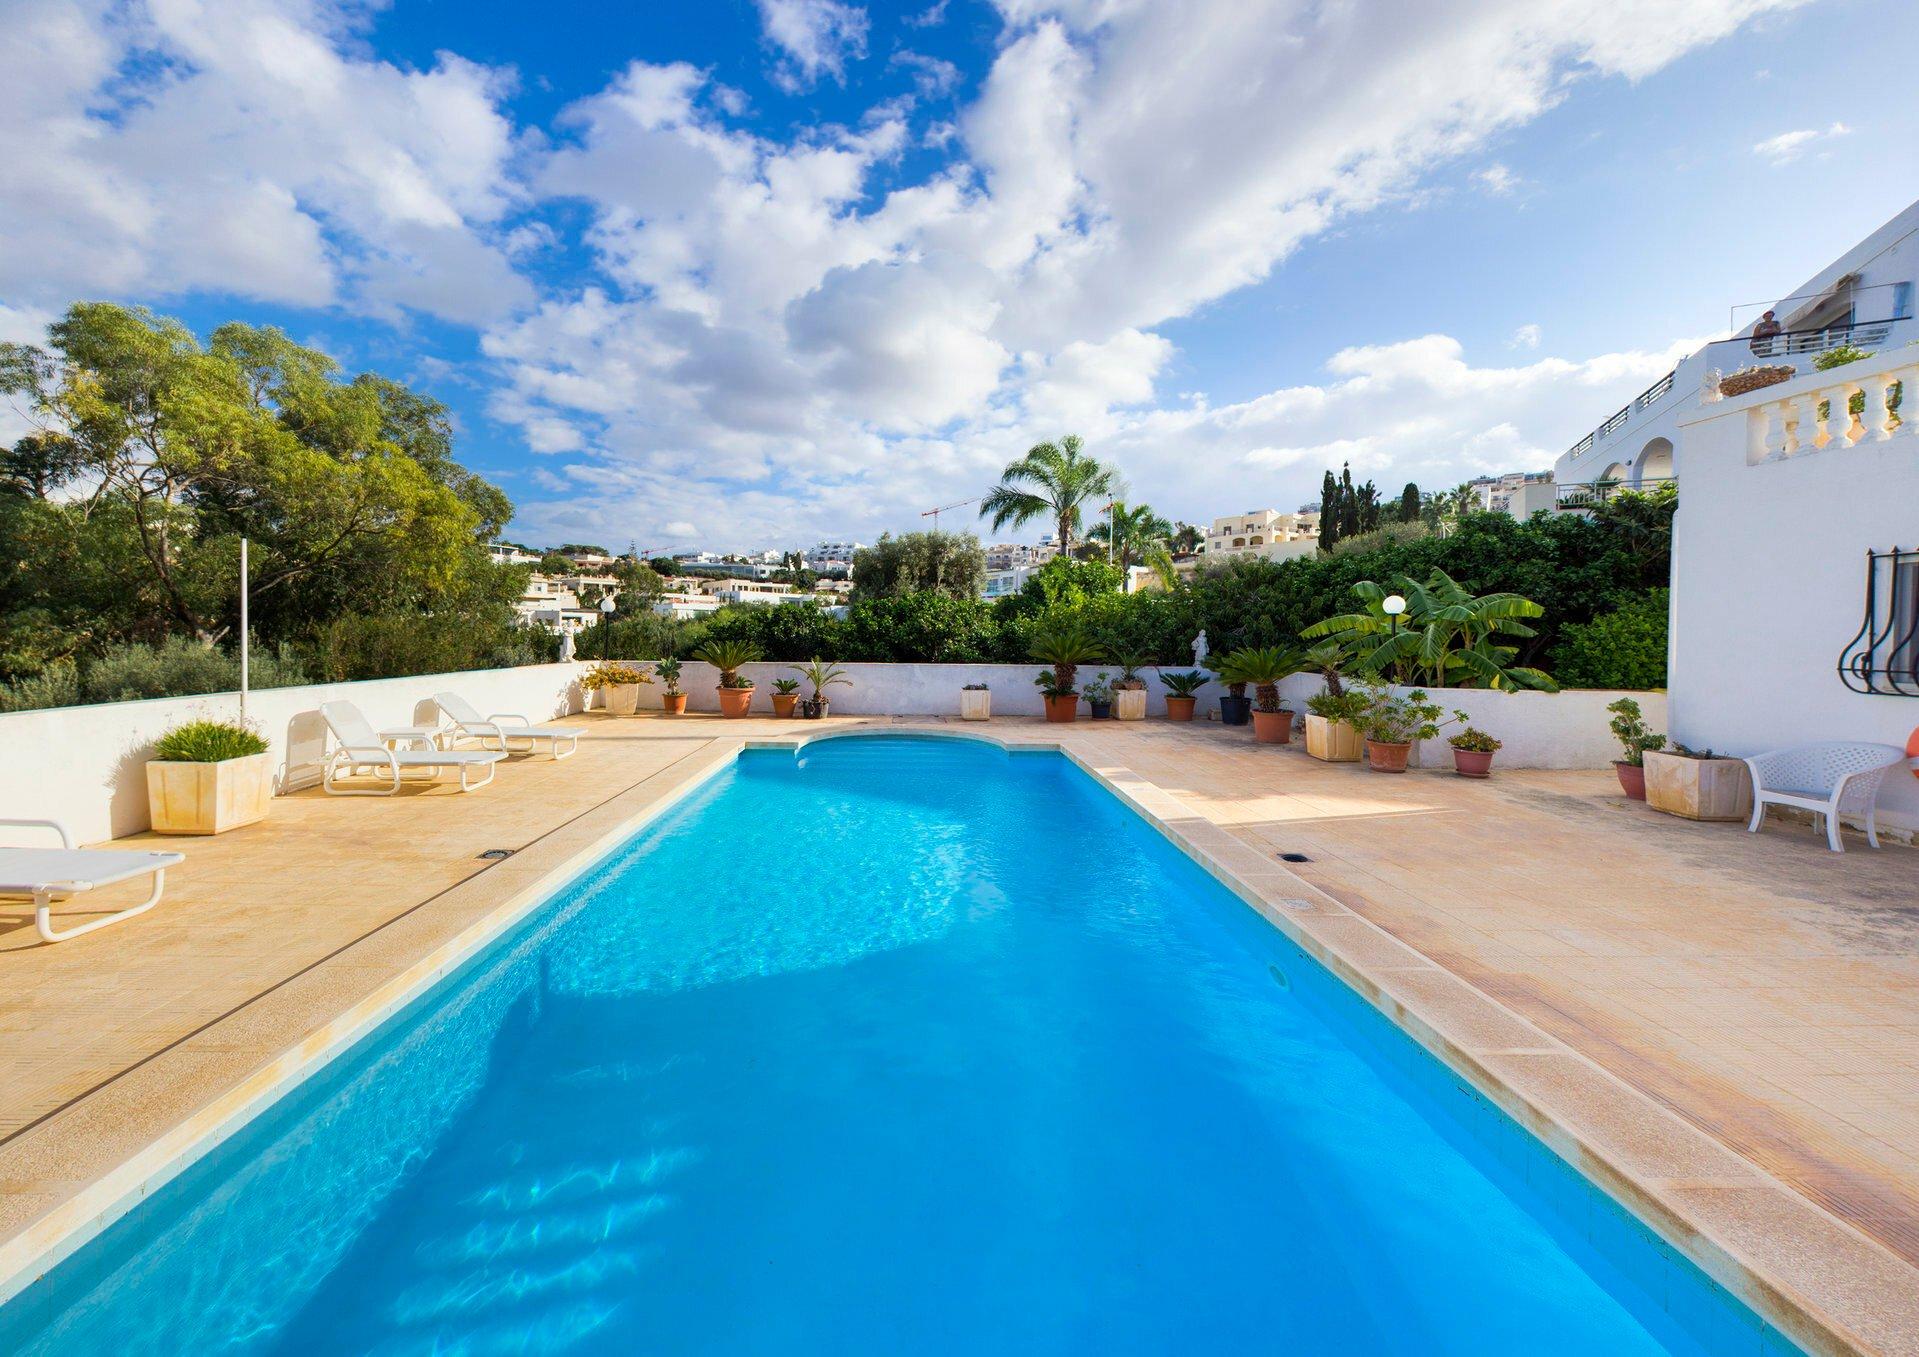 Villa in Mellieha, Malta 1